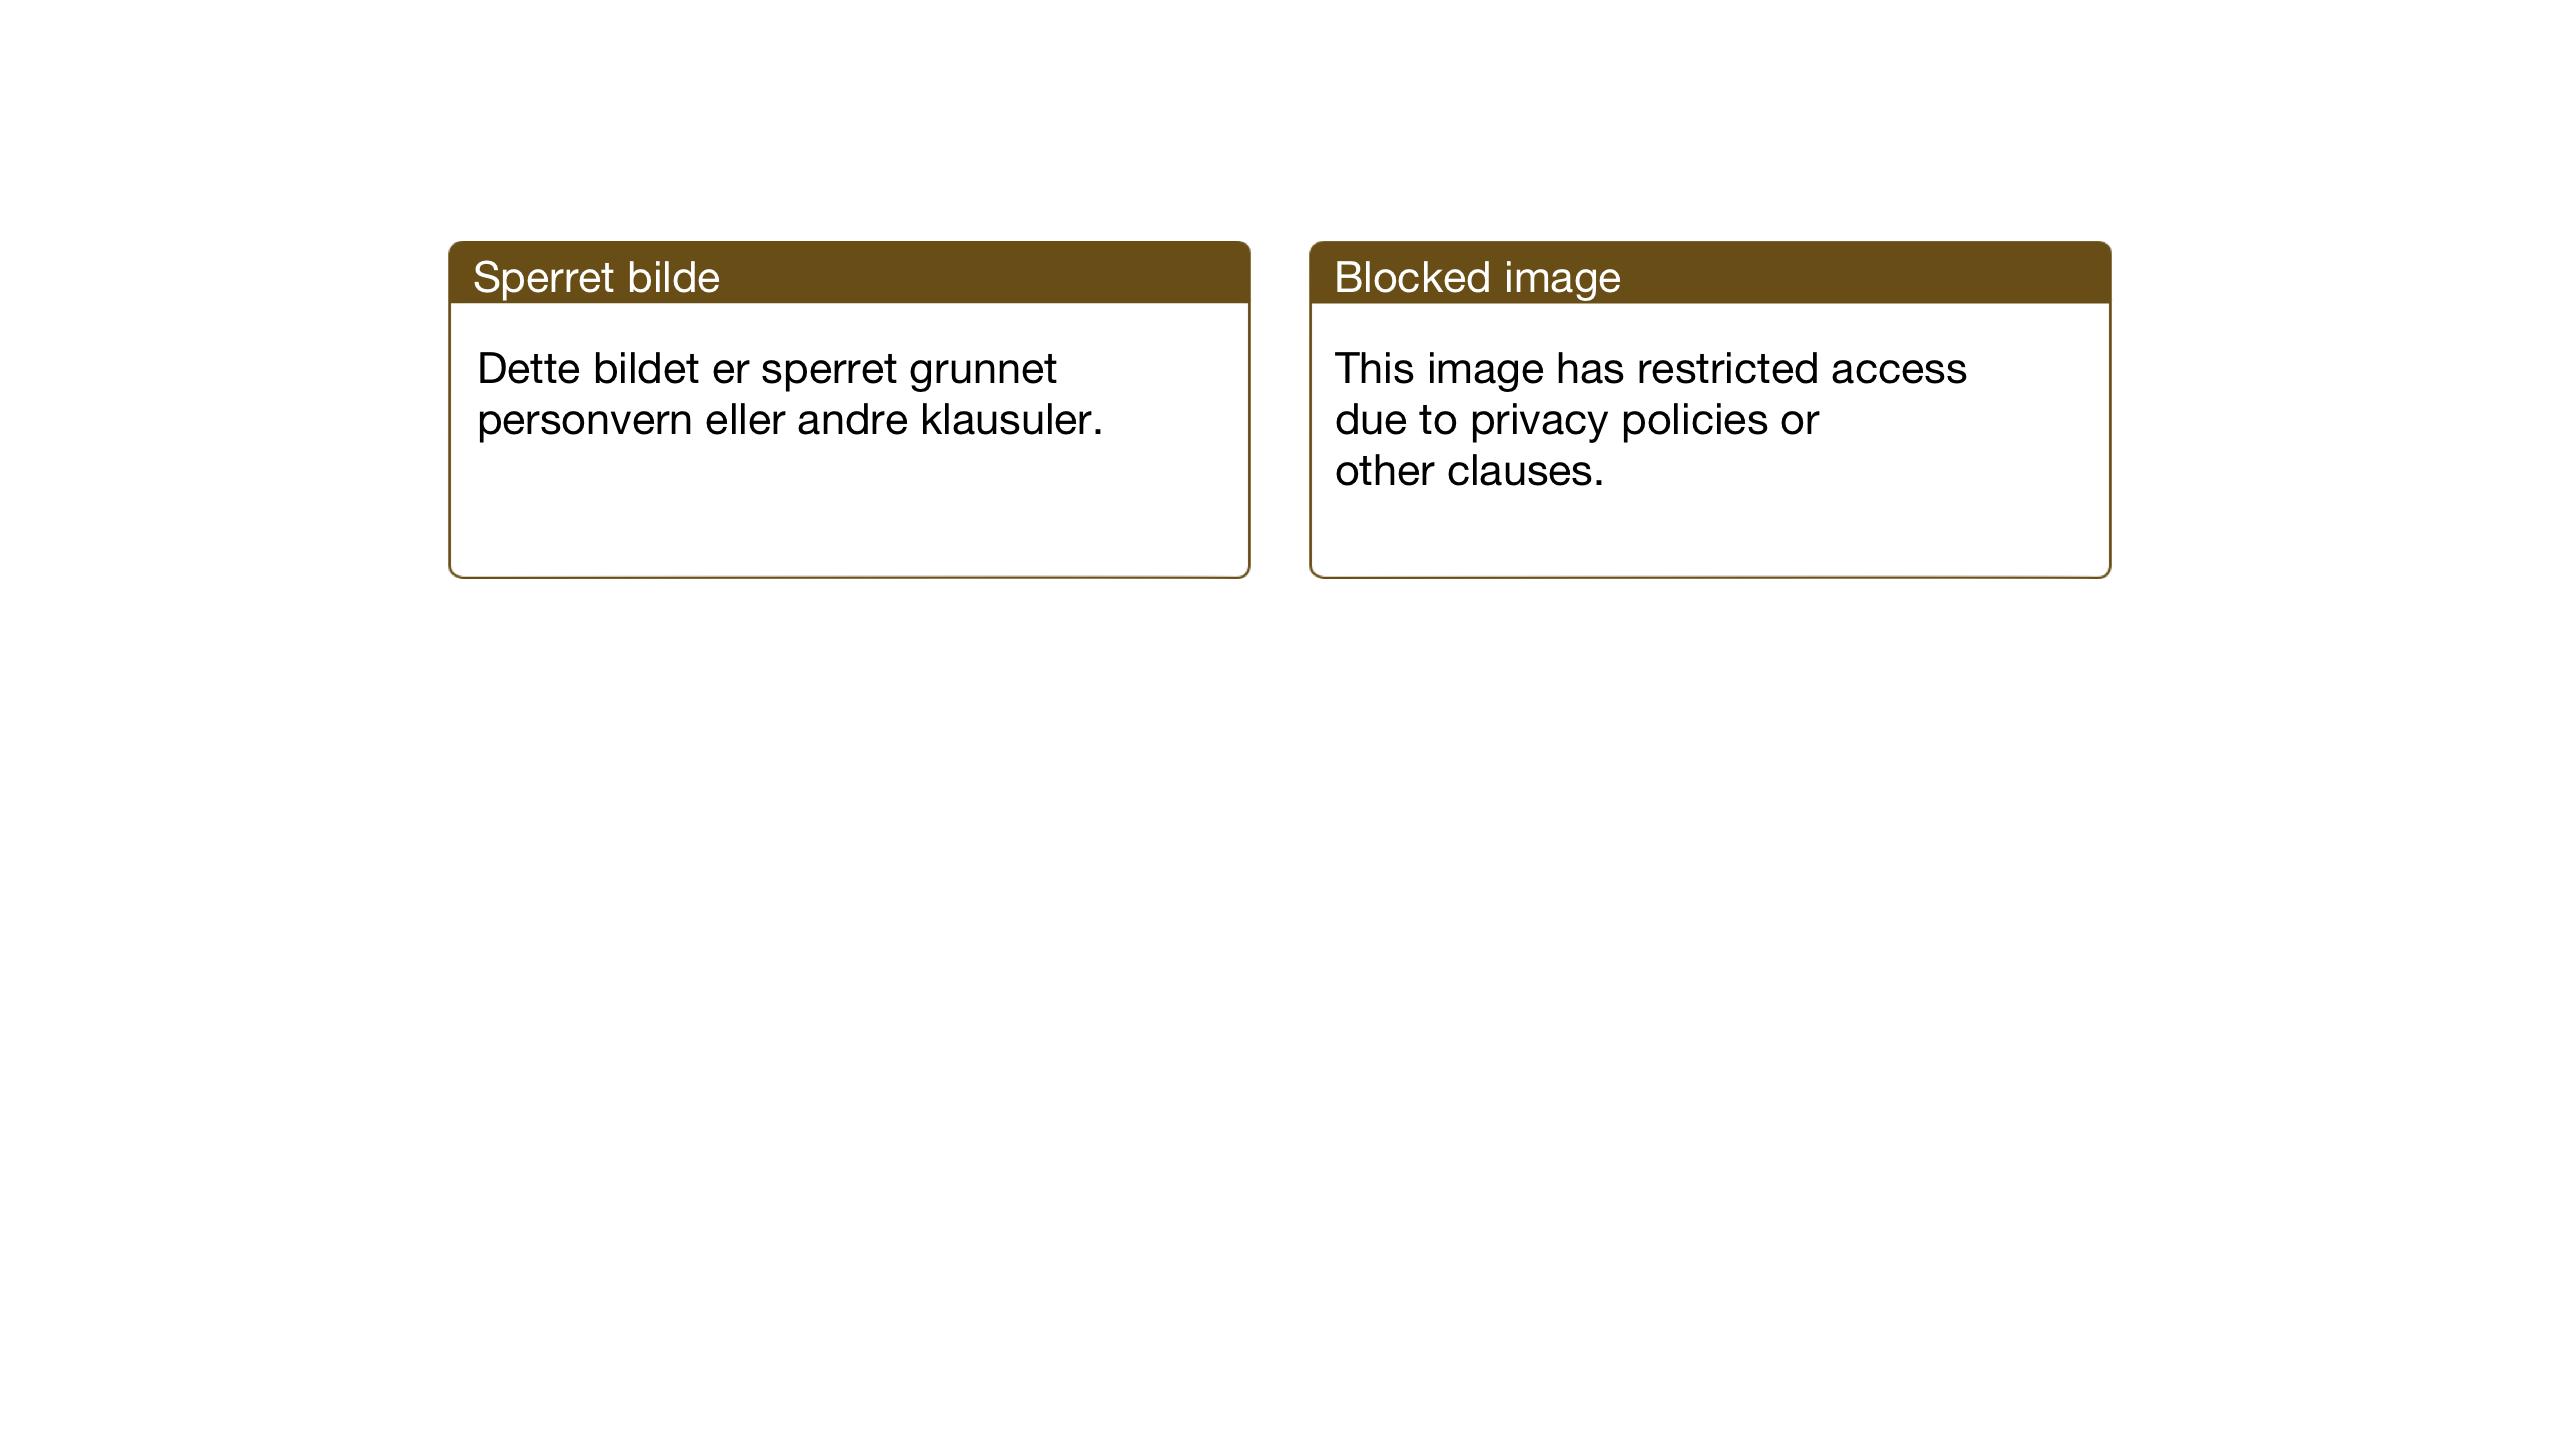 SAT, Ministerialprotokoller, klokkerbøker og fødselsregistre - Nord-Trøndelag, 714/L0136: Klokkerbok nr. 714C05, 1918-1957, s. 248